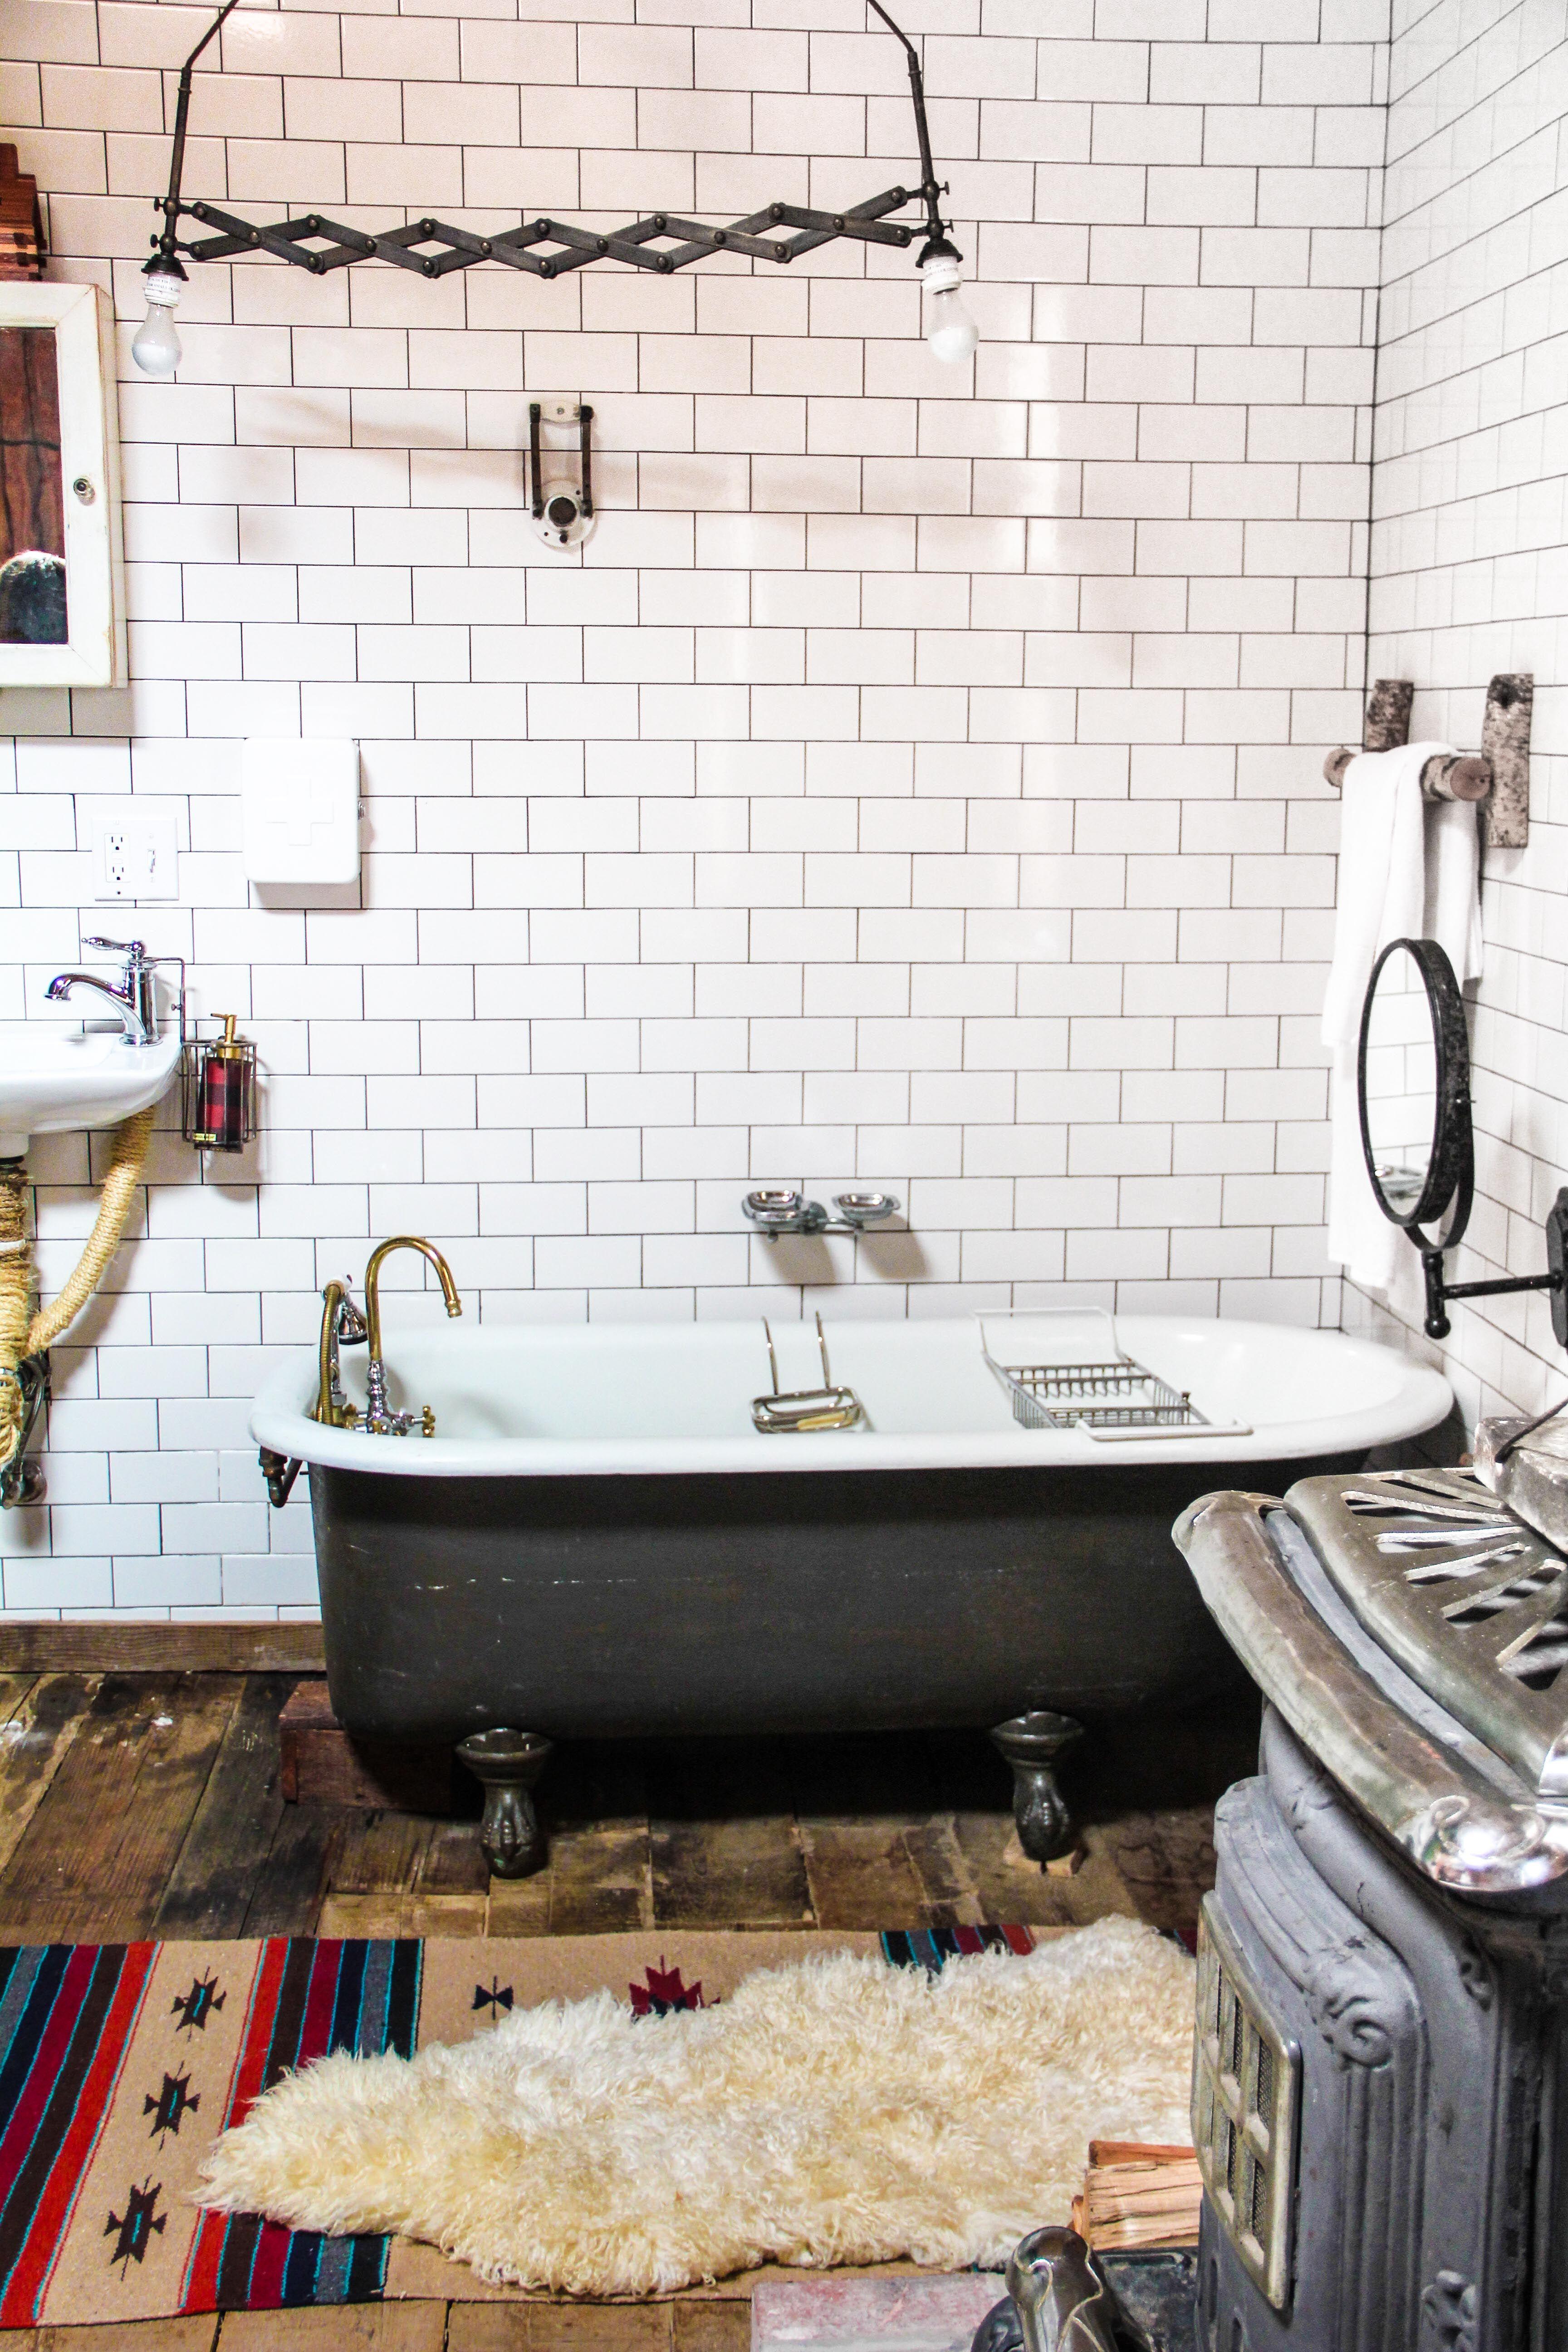 Fantastic Bathroom and bathtub at Urban Cowboy in Brooklyn. www.mynameislilyrose.com